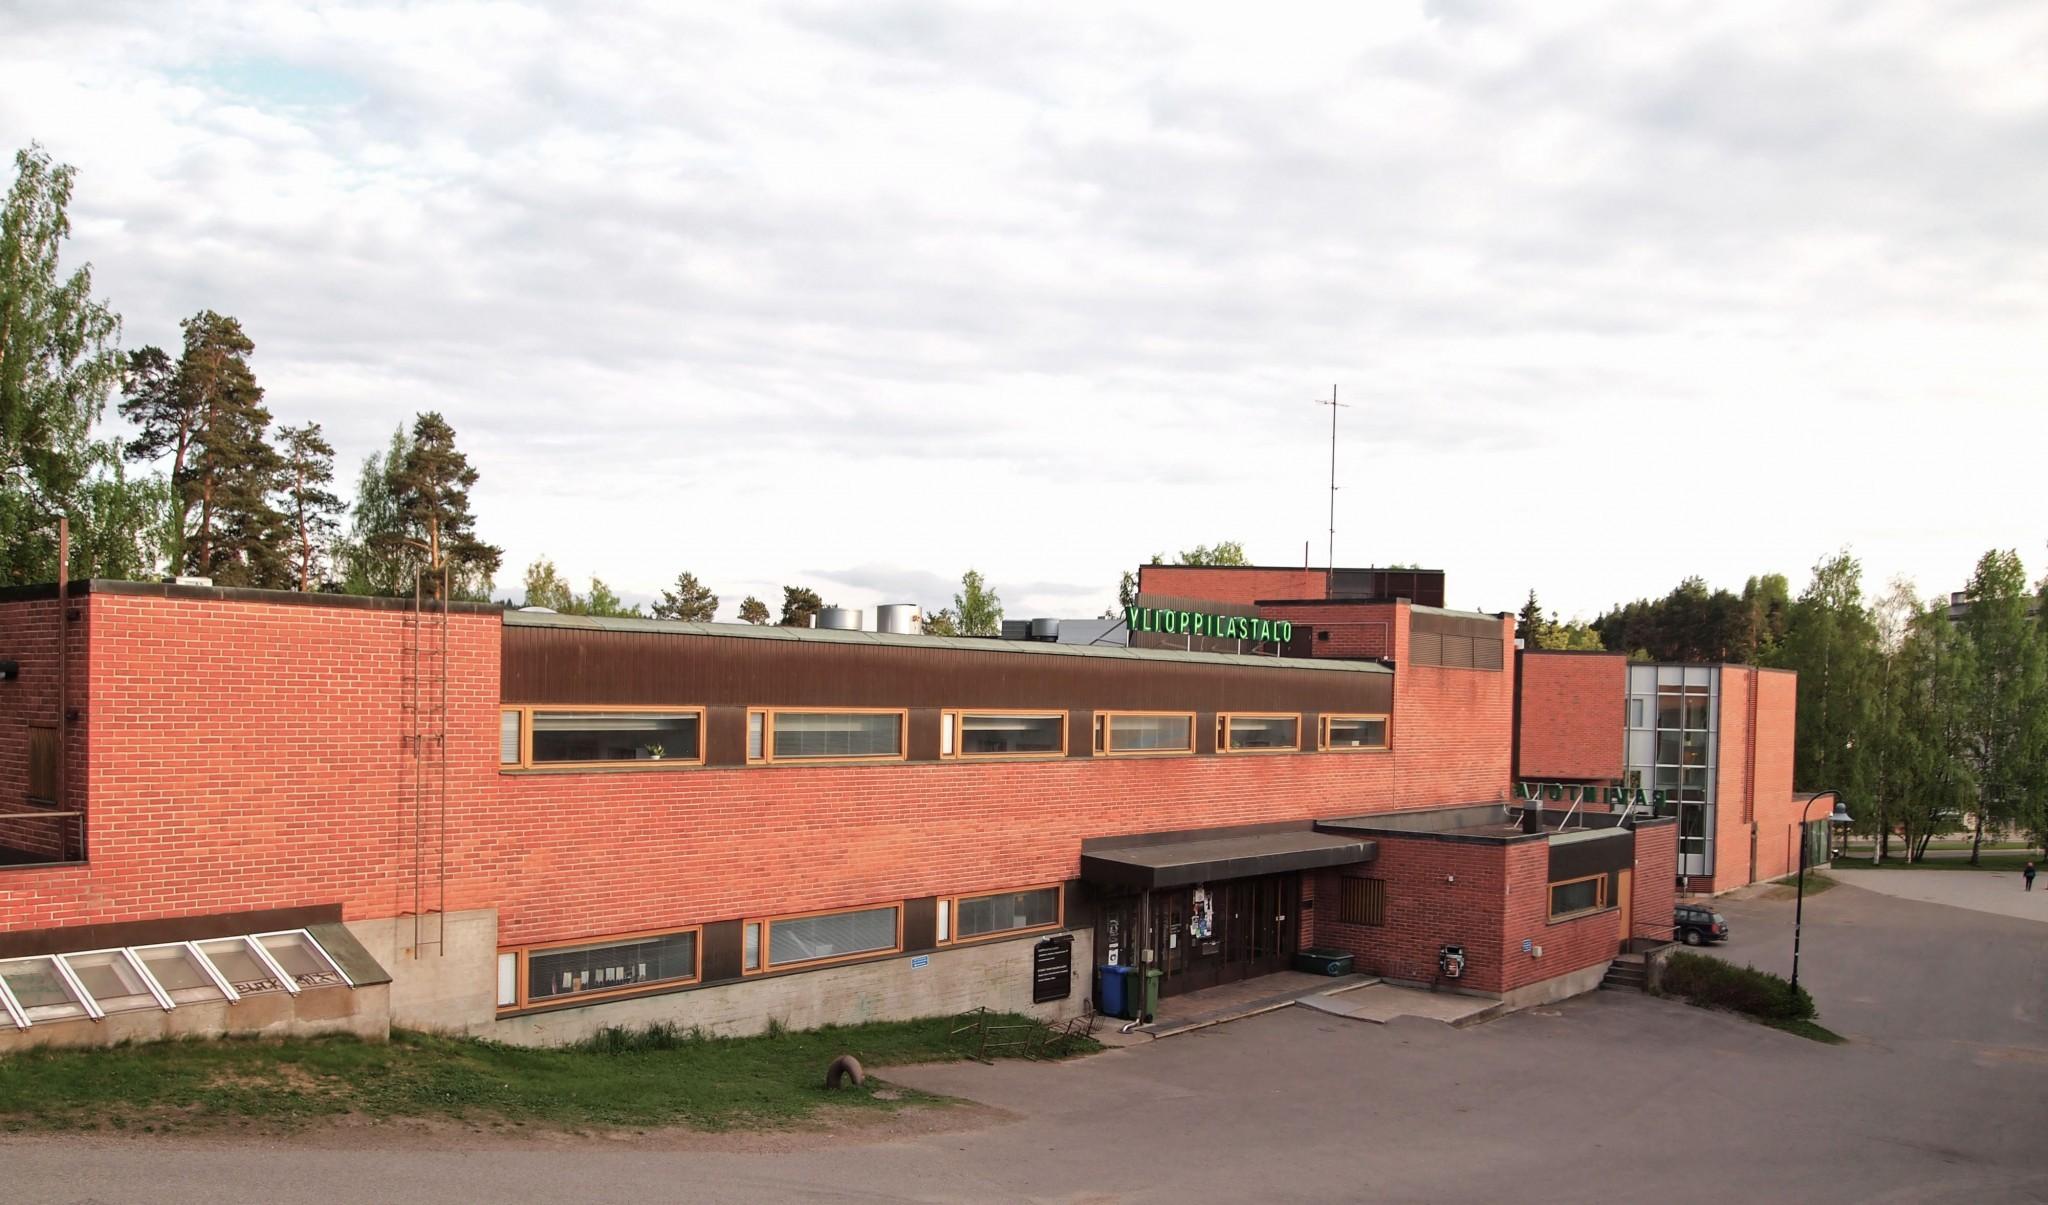 University_of_Jyväskylä_-_Ylioppilastalo